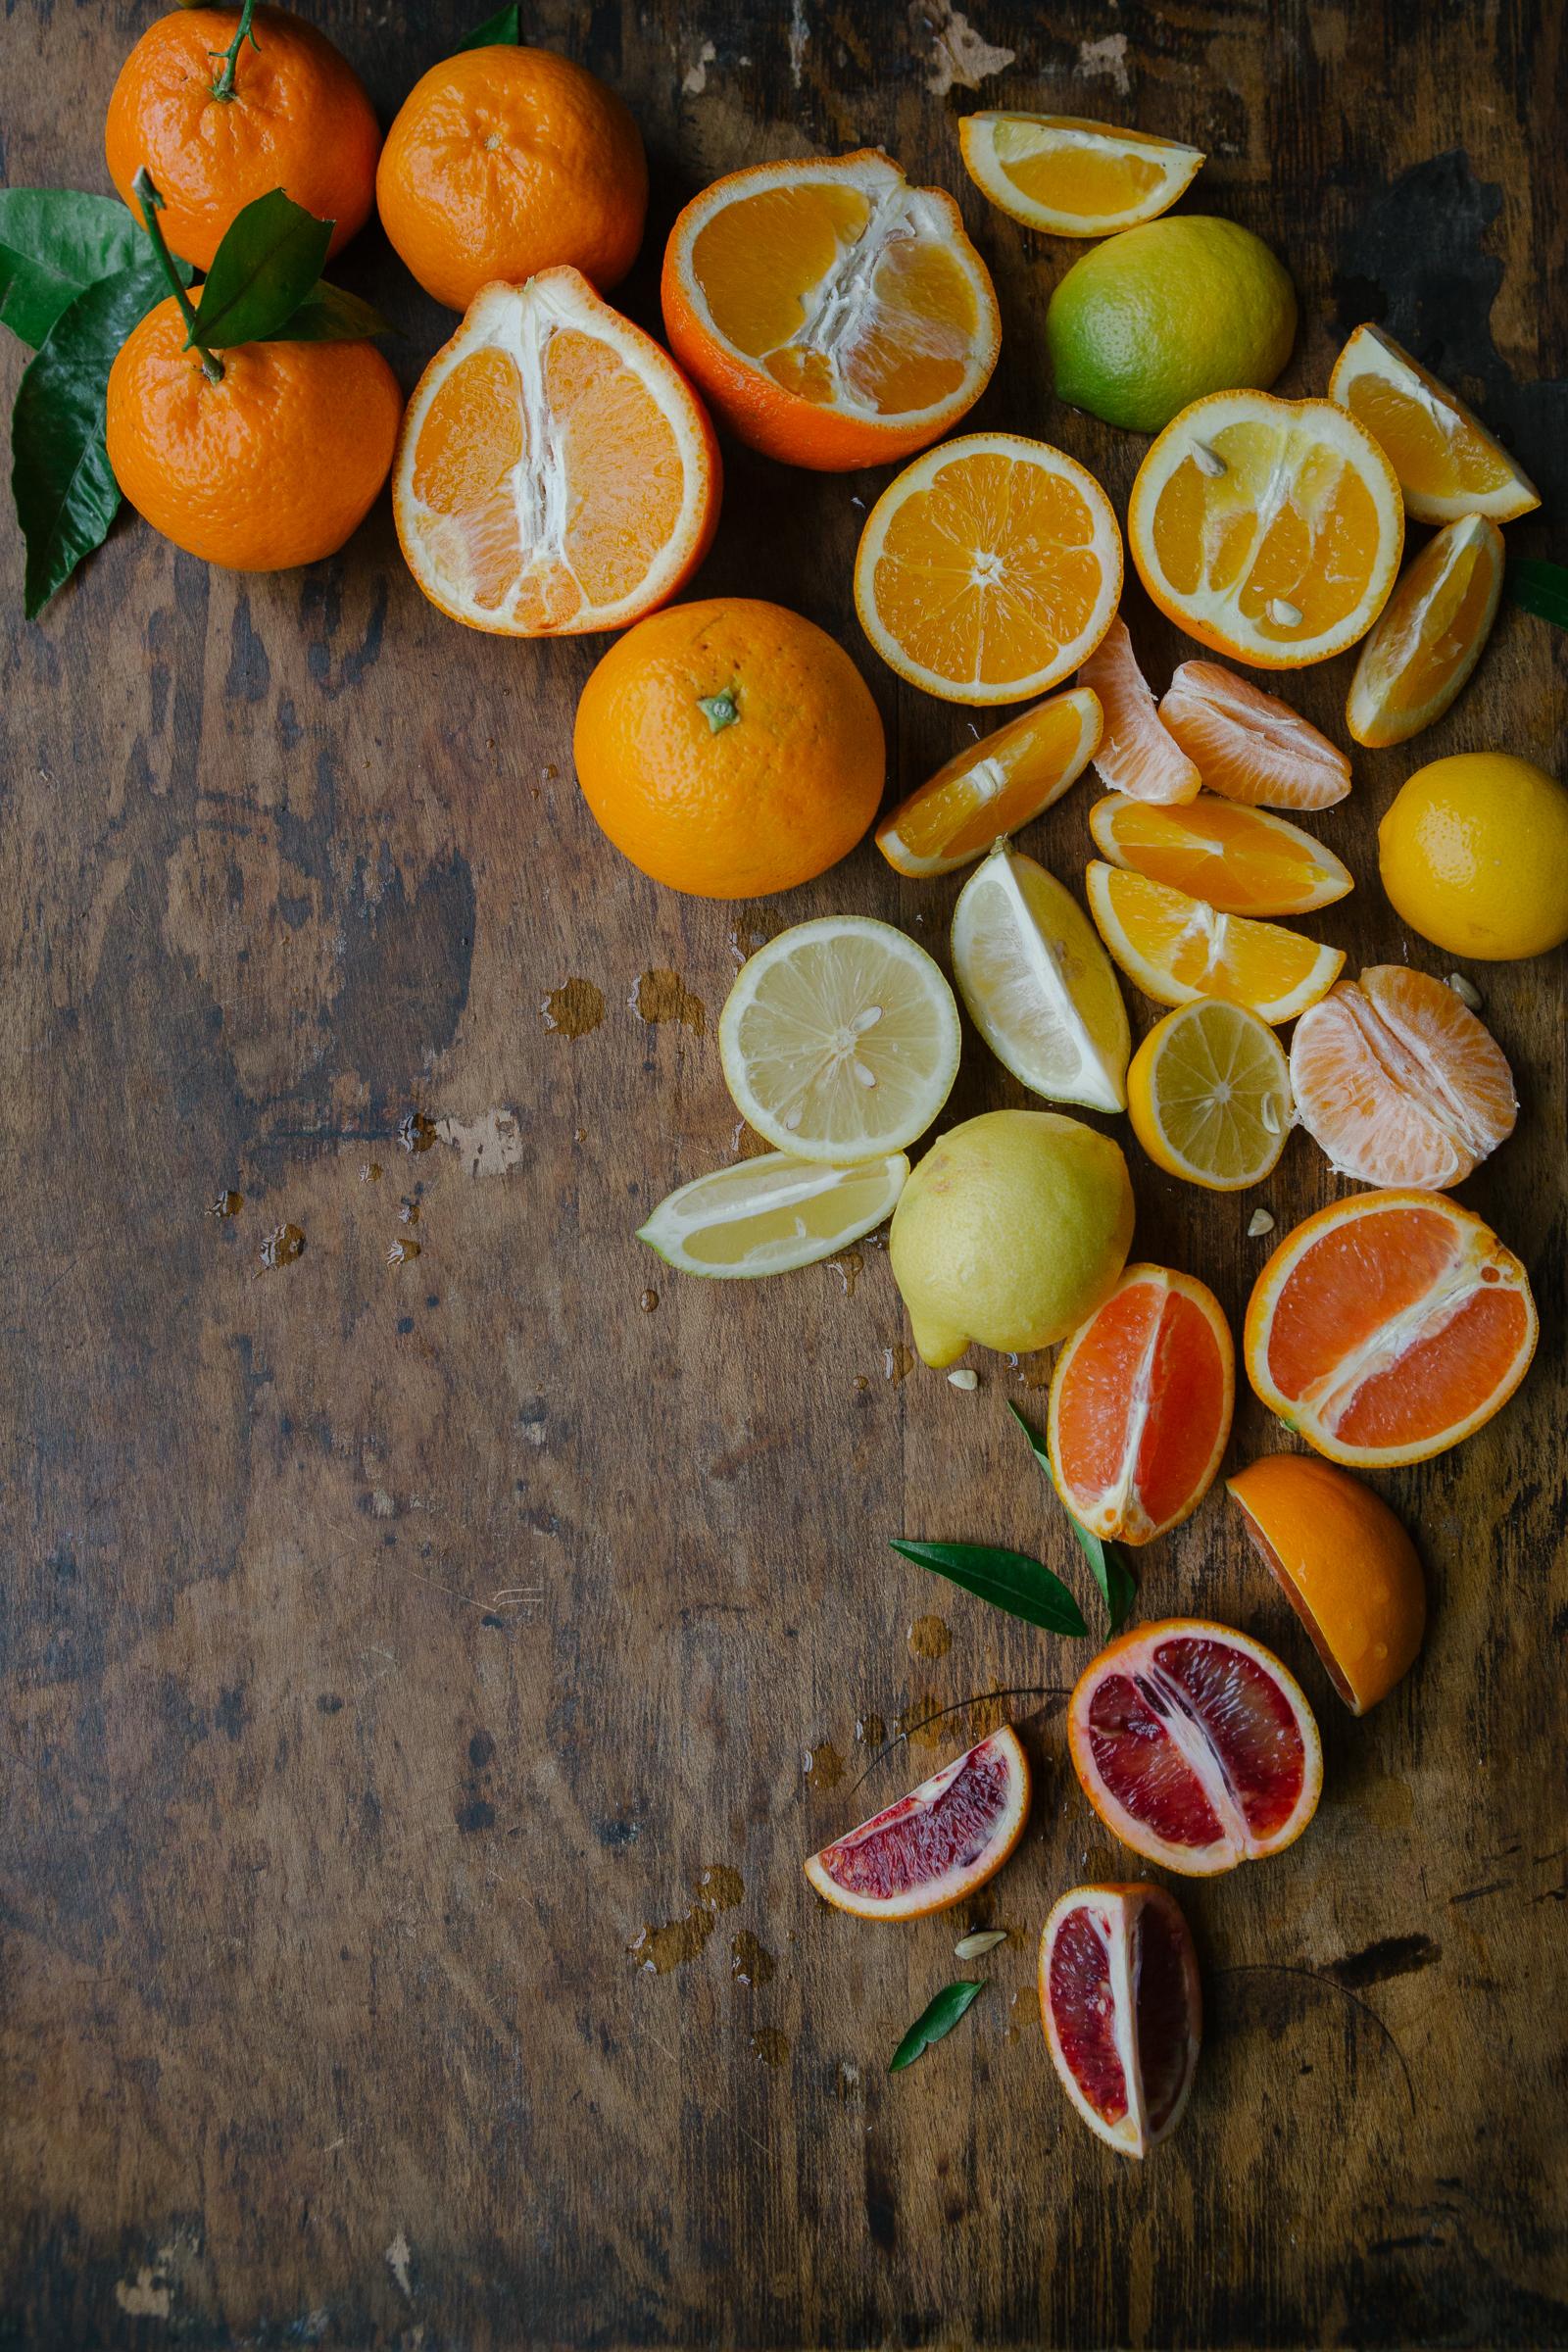 joeyarmstrong-citrus-9703.jpg